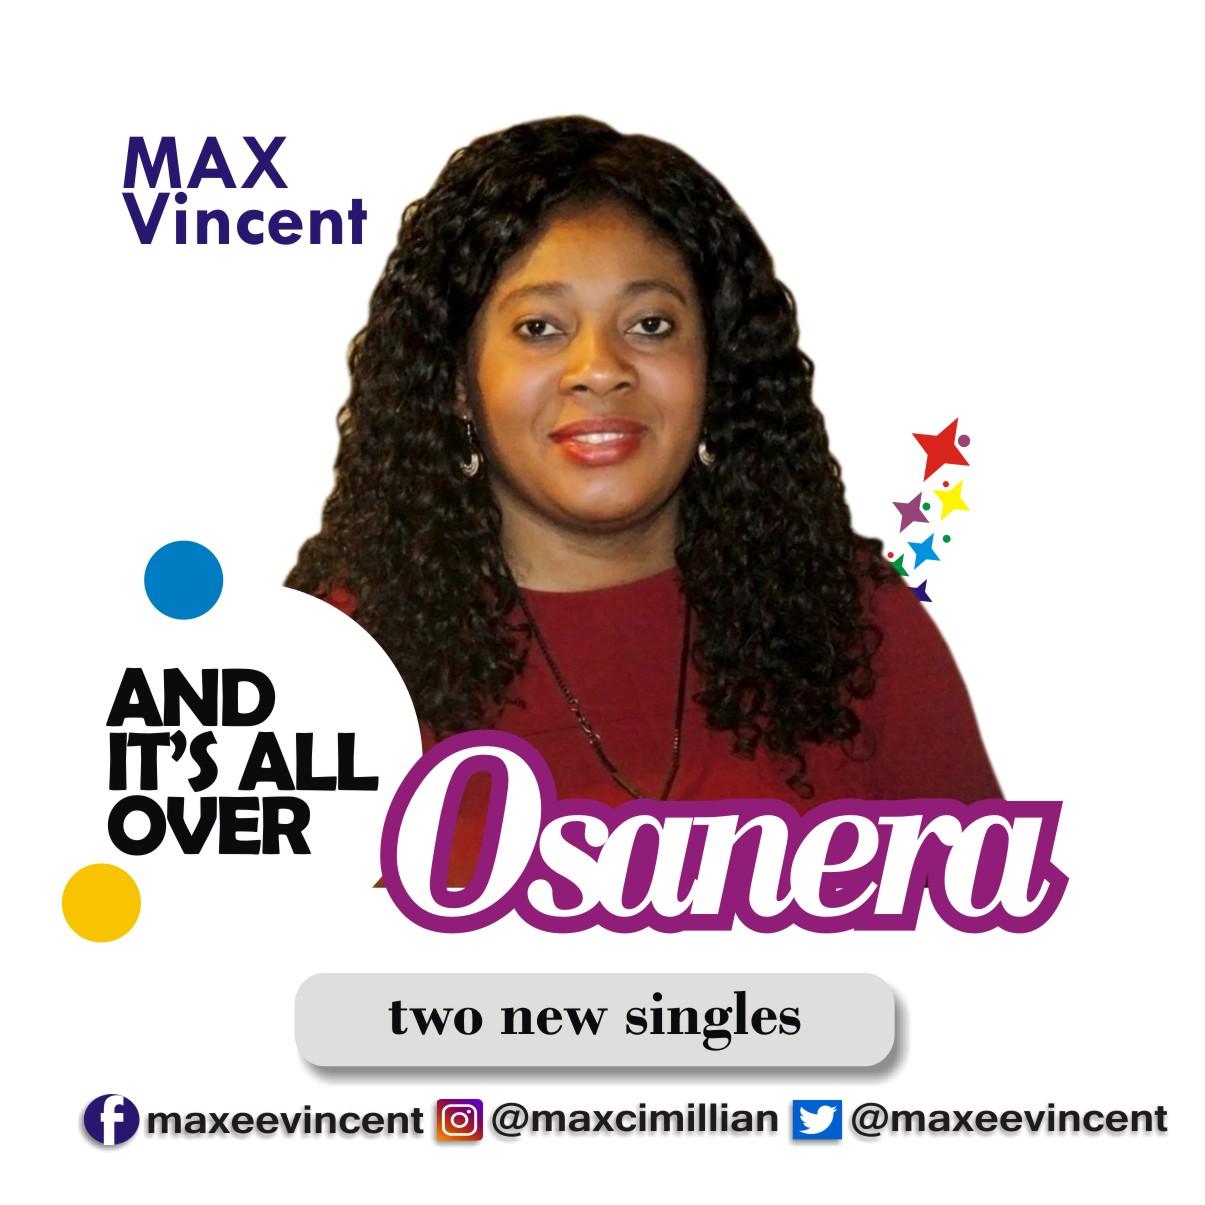 Max Vincent - Osanera